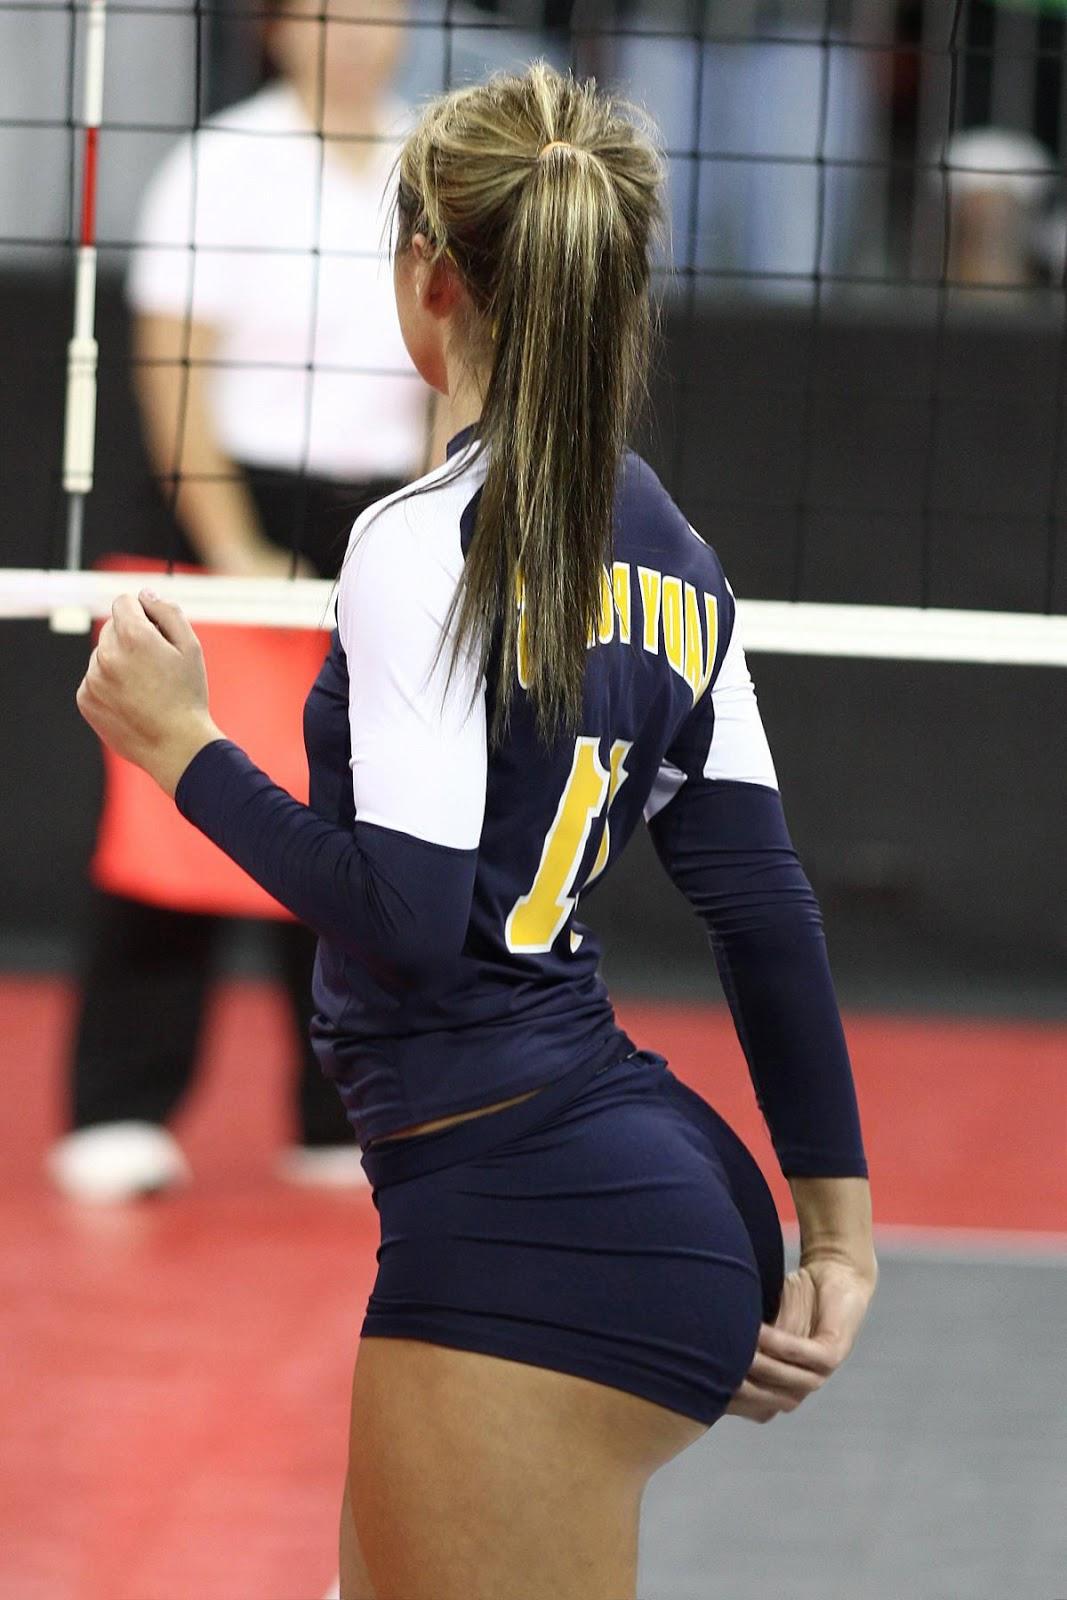 indoor volleyball booty derpfudge